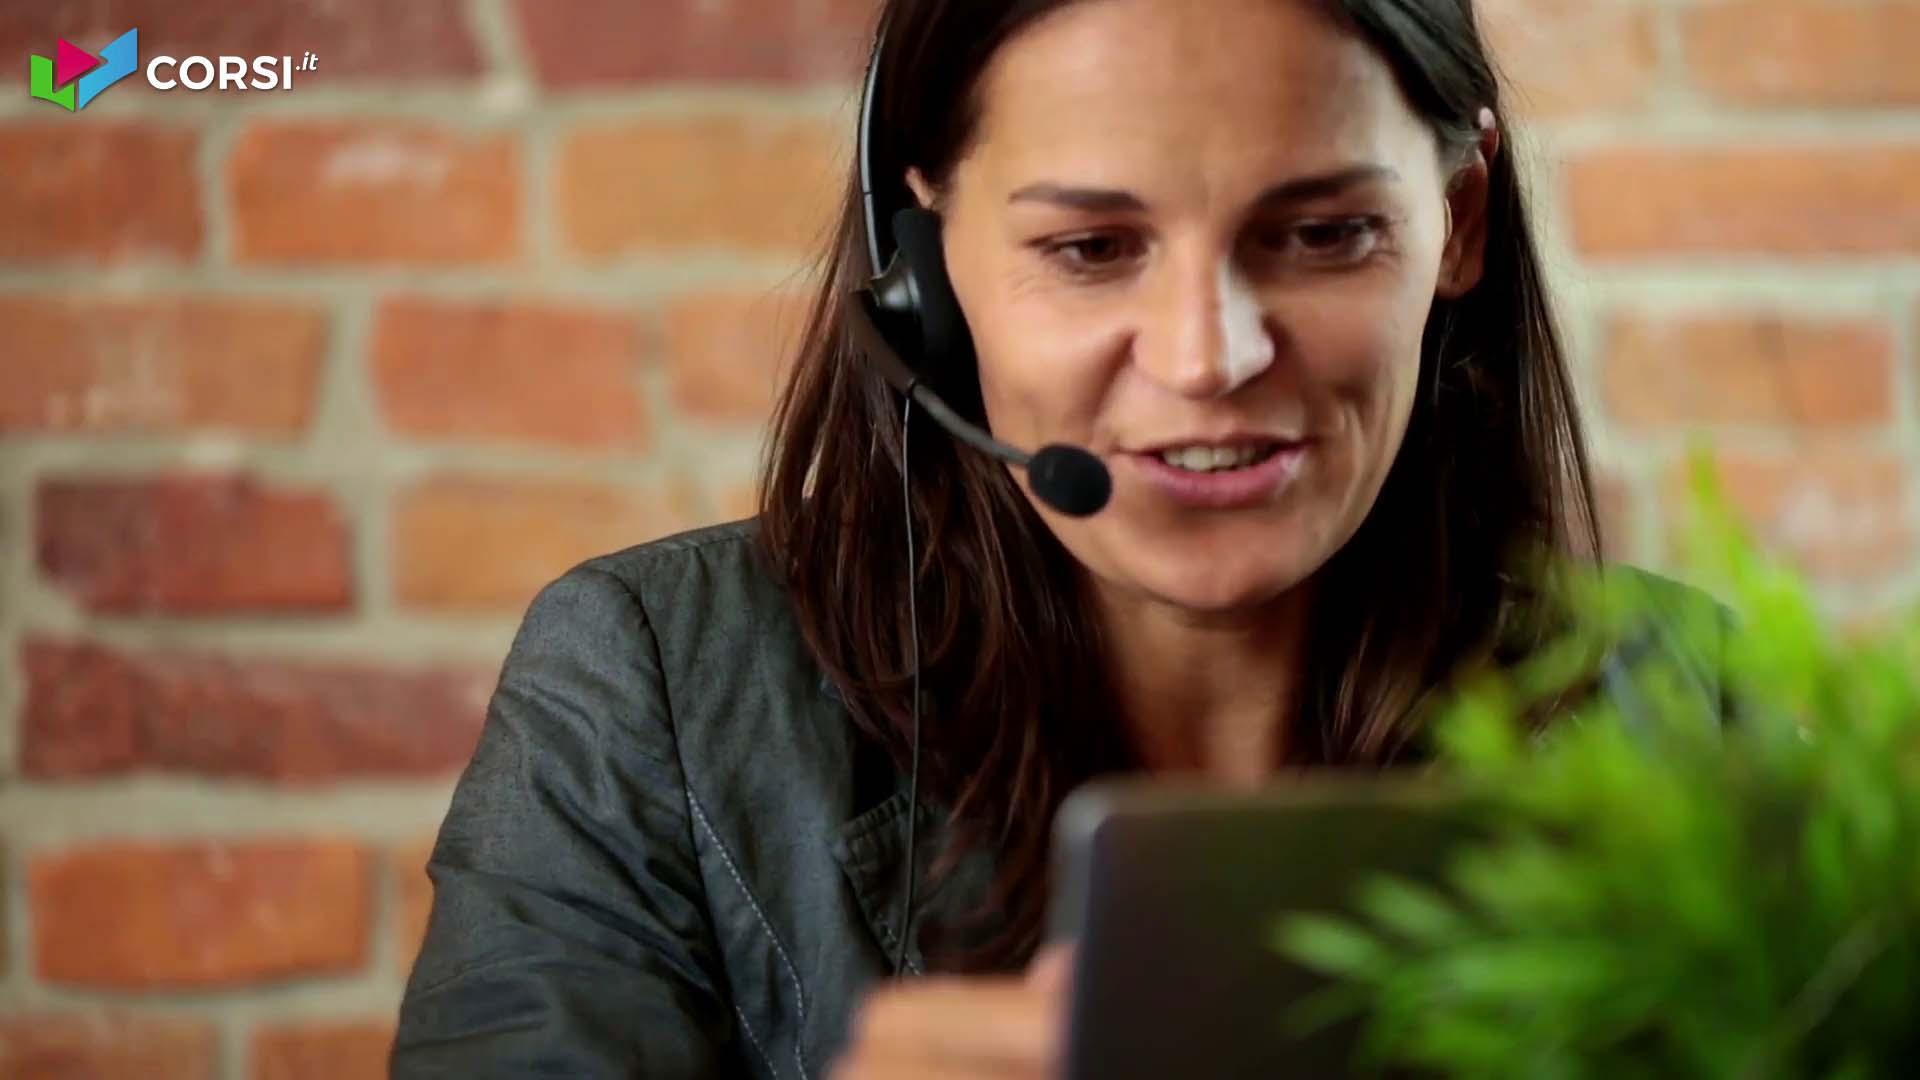 Tecniche di vendita telefonica: come conquistare la fiducia dei clienti ed aumentare la qualità e la quantità del venduto in modo naturale